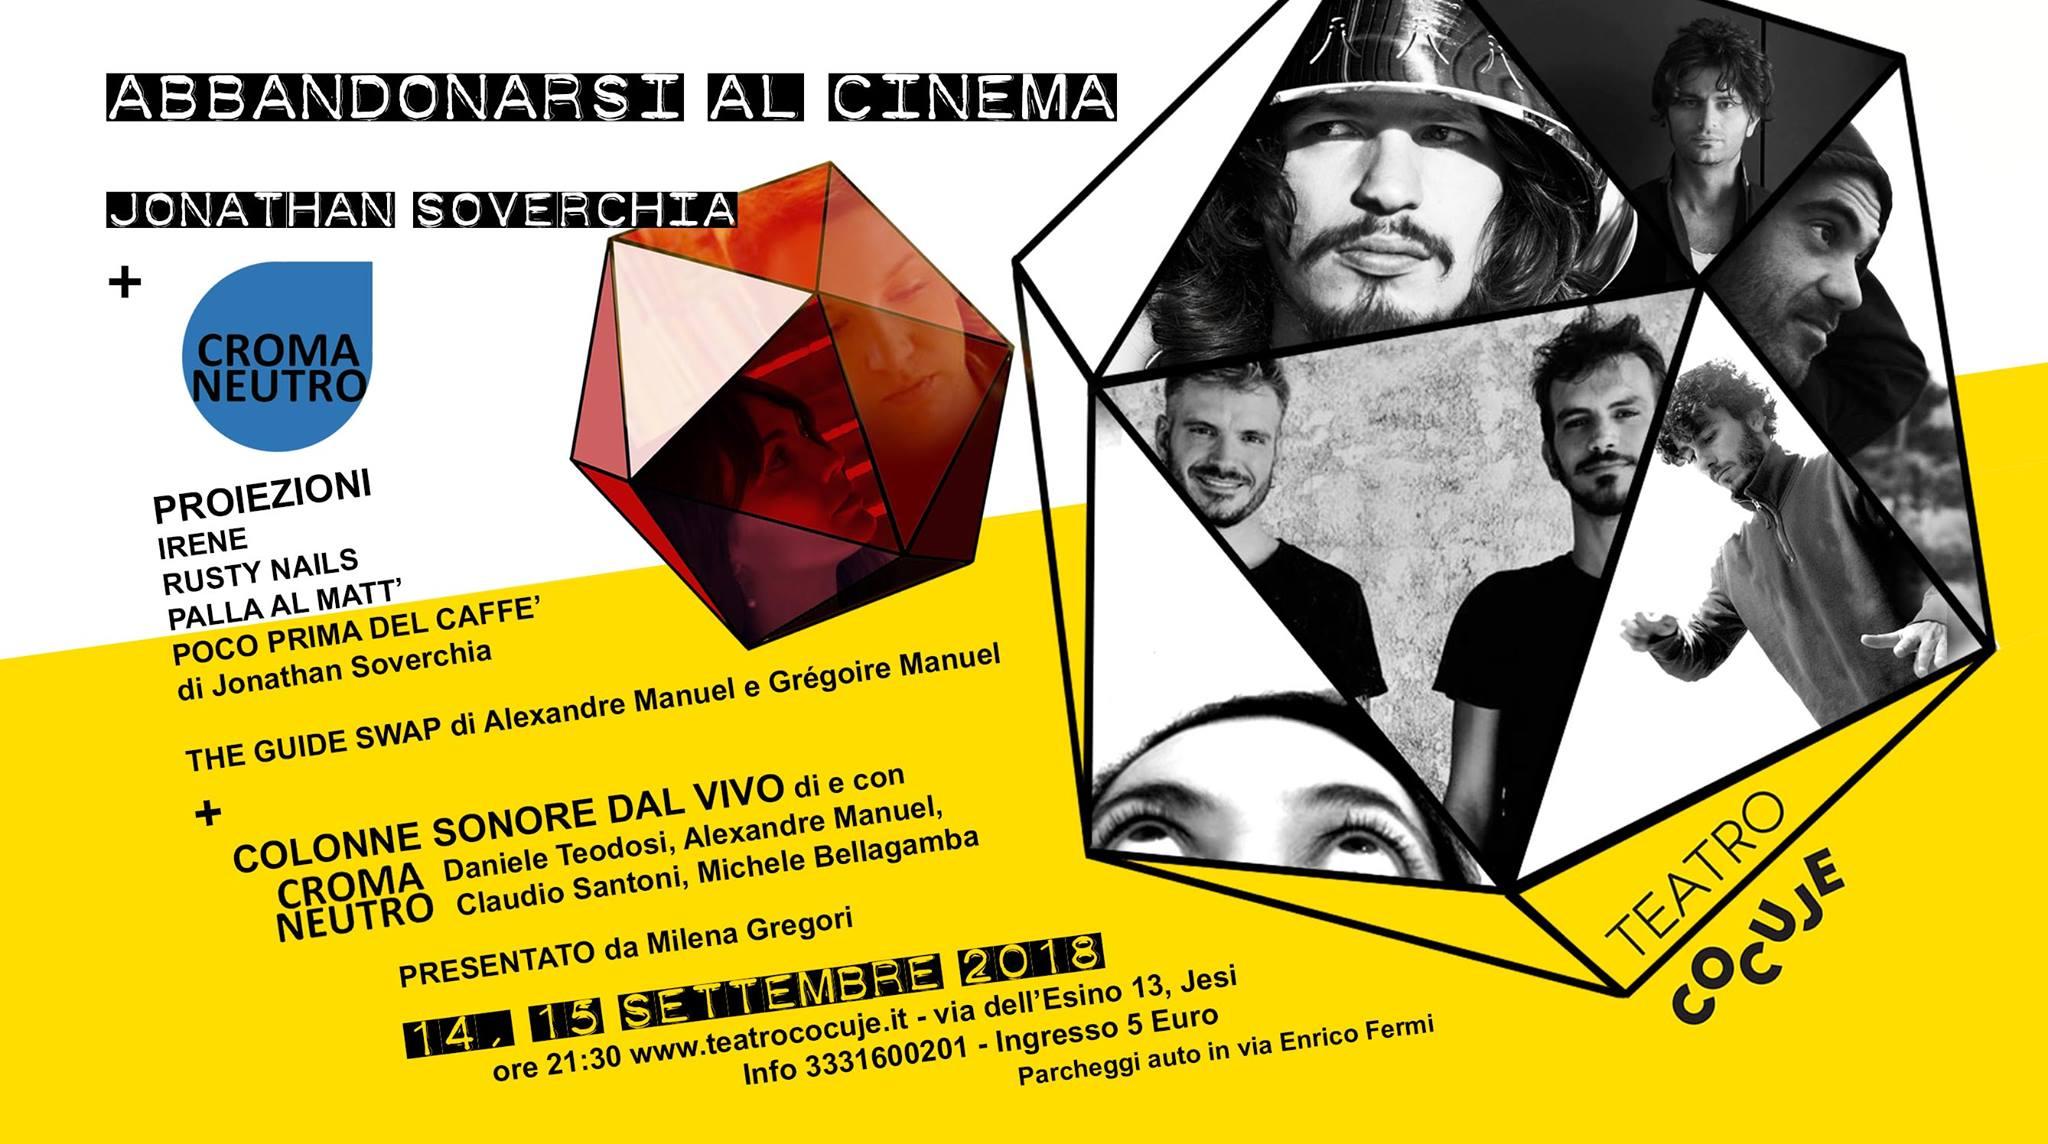 Jesi, cinema e colonne sonore dal vivo al Teatro Cocuje